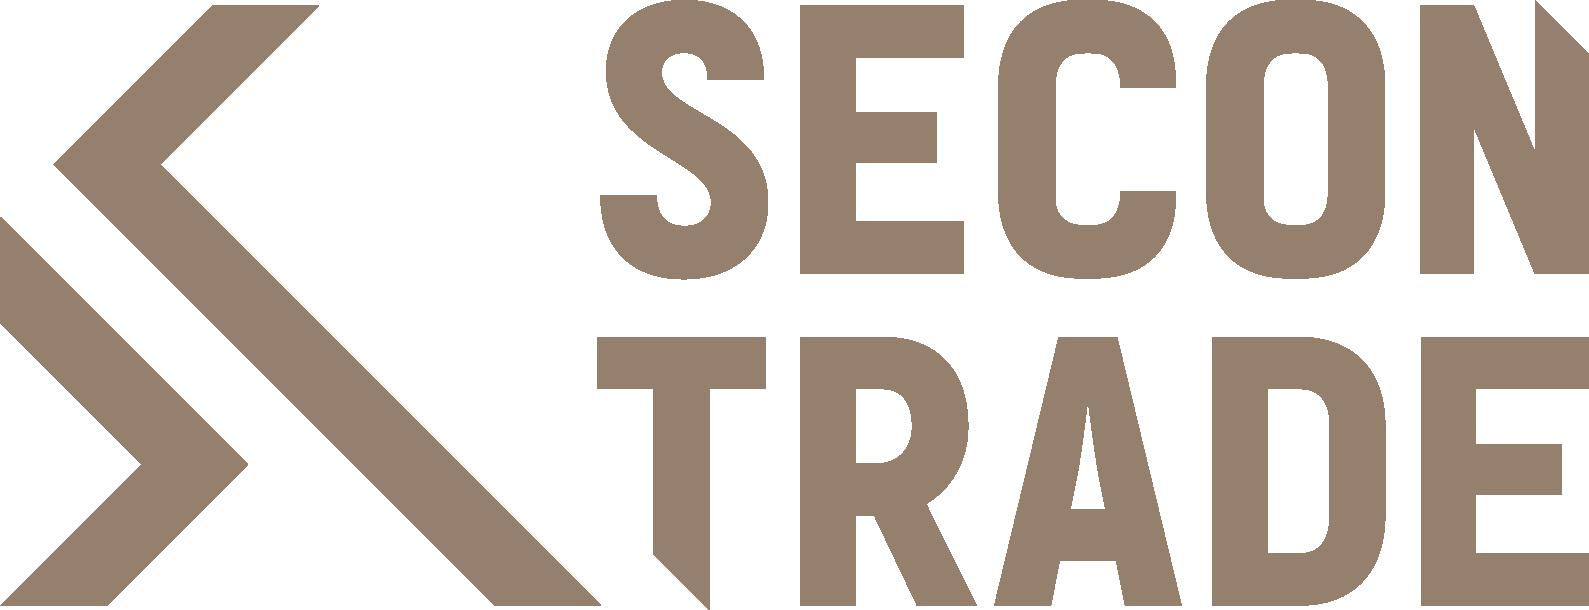 Secontrade Logo